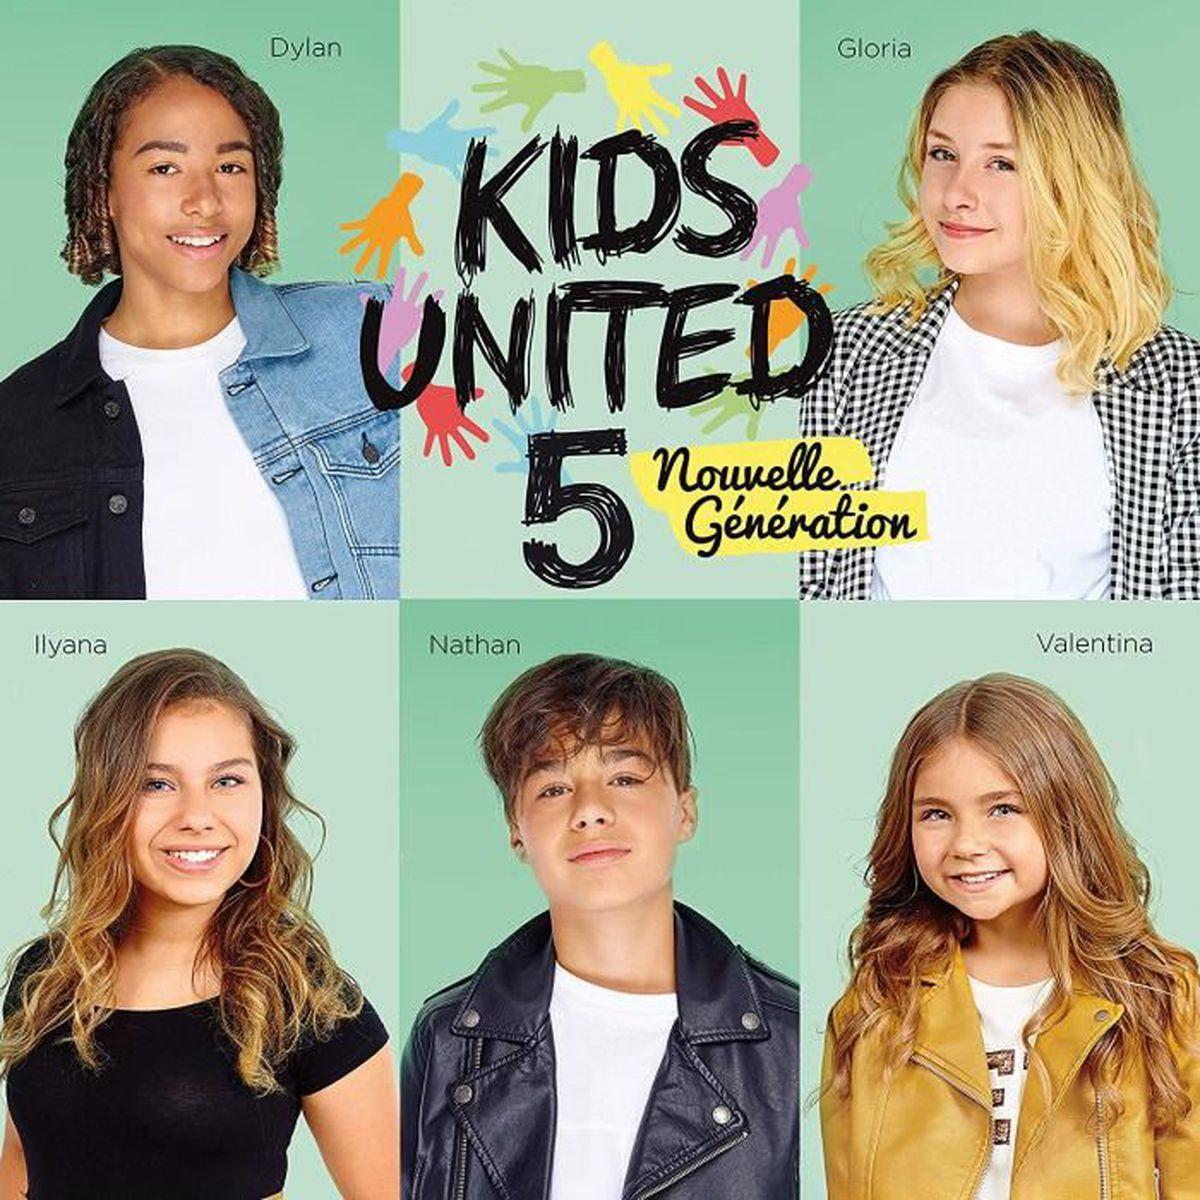 CD VARIÉTÉ FRANÇAISE Kids United 5 nouvelle génération L'hymne de la vi